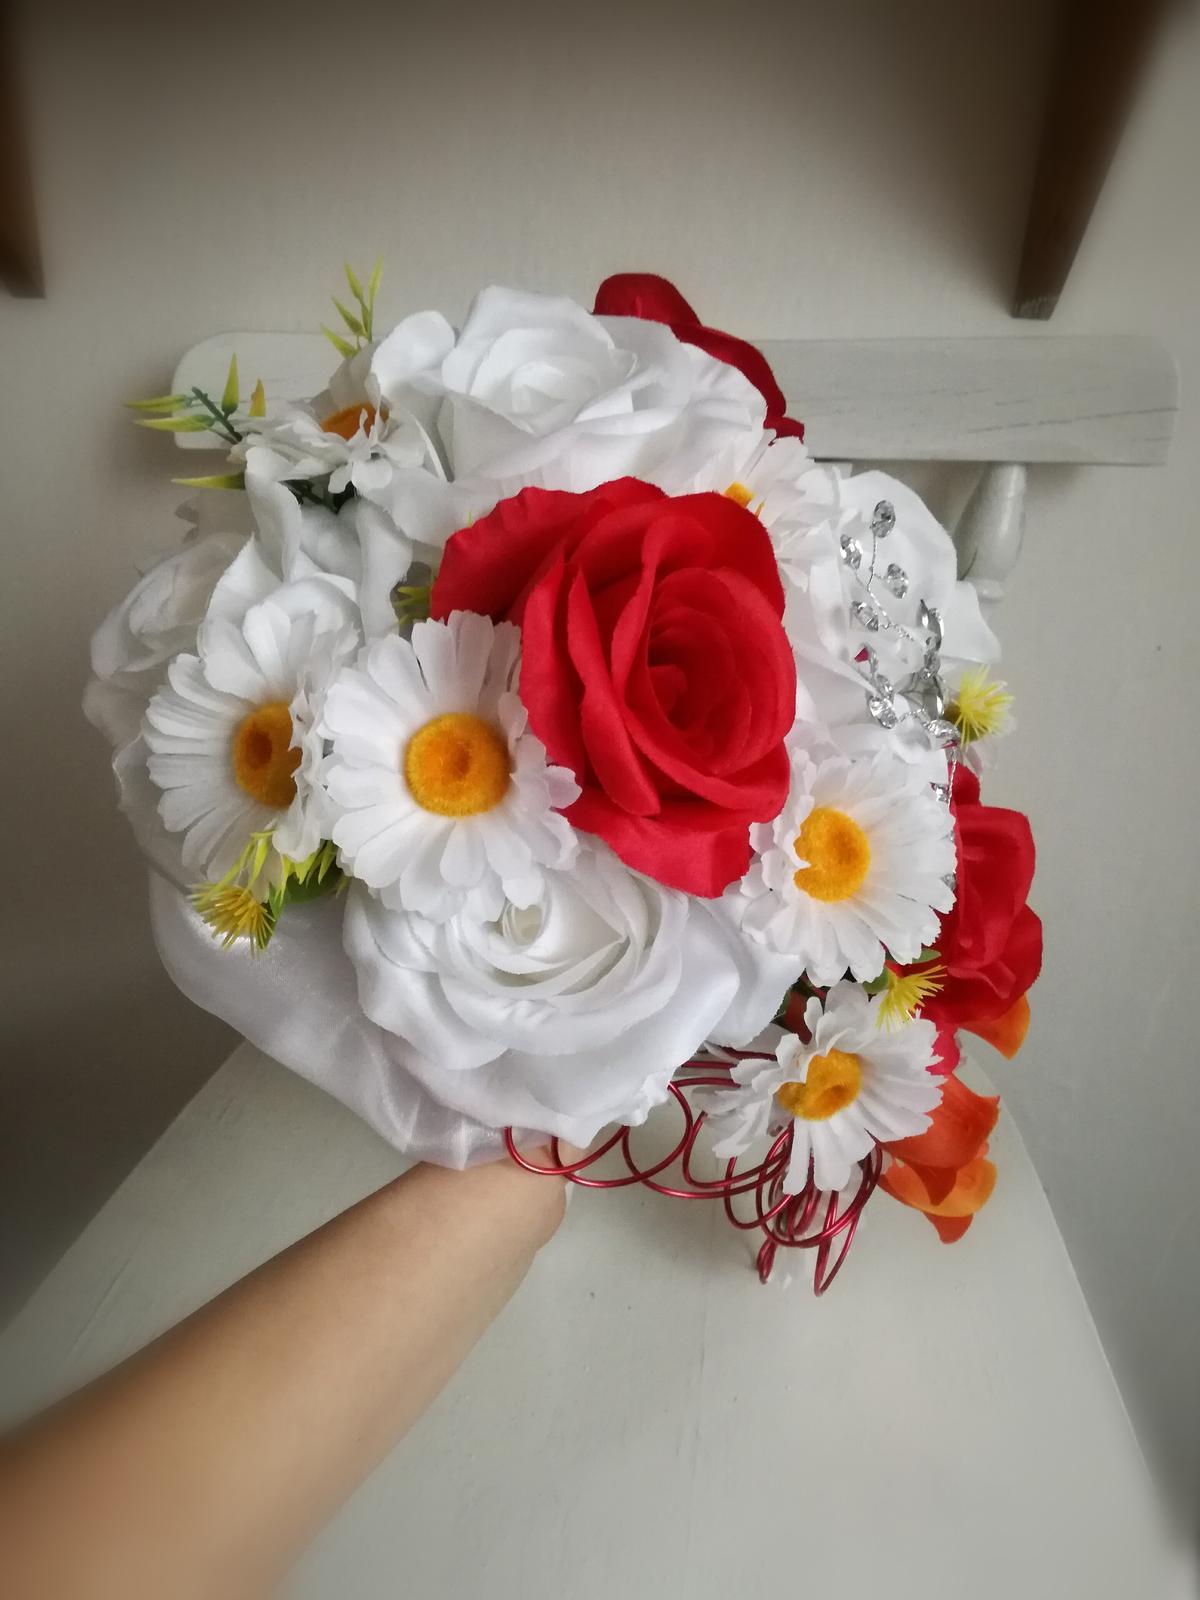 Z umelých kvetov - Obrázok č. 9